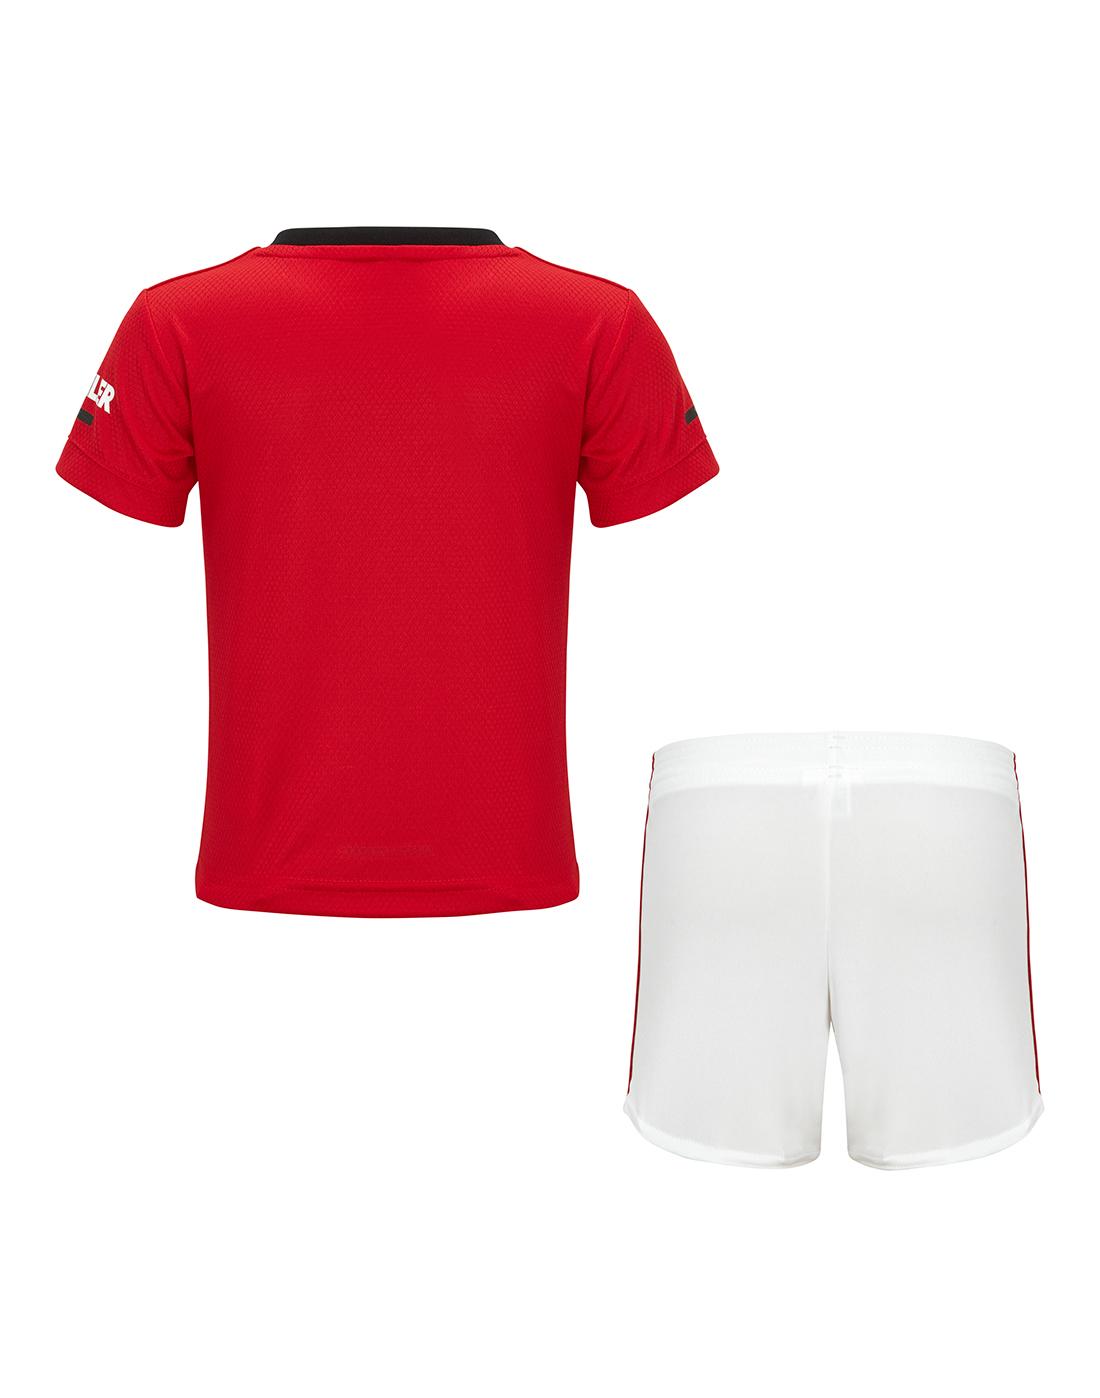 df61268ab Infants Man United 19 20 Full Home Kit